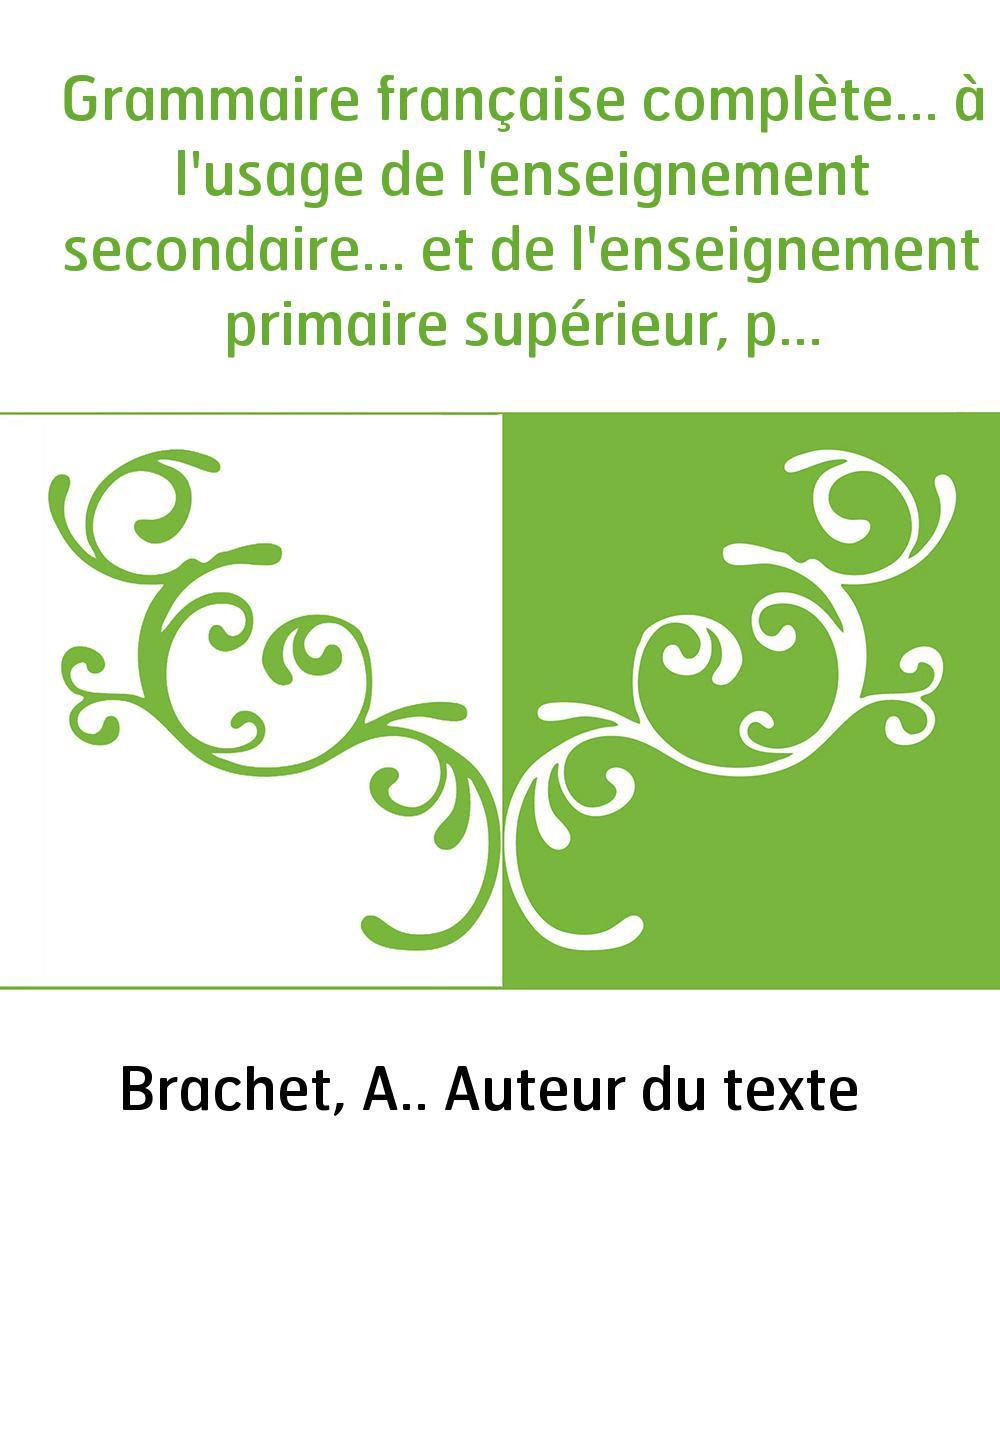 Grammaire française complète... à l'usage de l'enseignement secondaire... et de l'enseignement primaire supérieur, par A. Brache